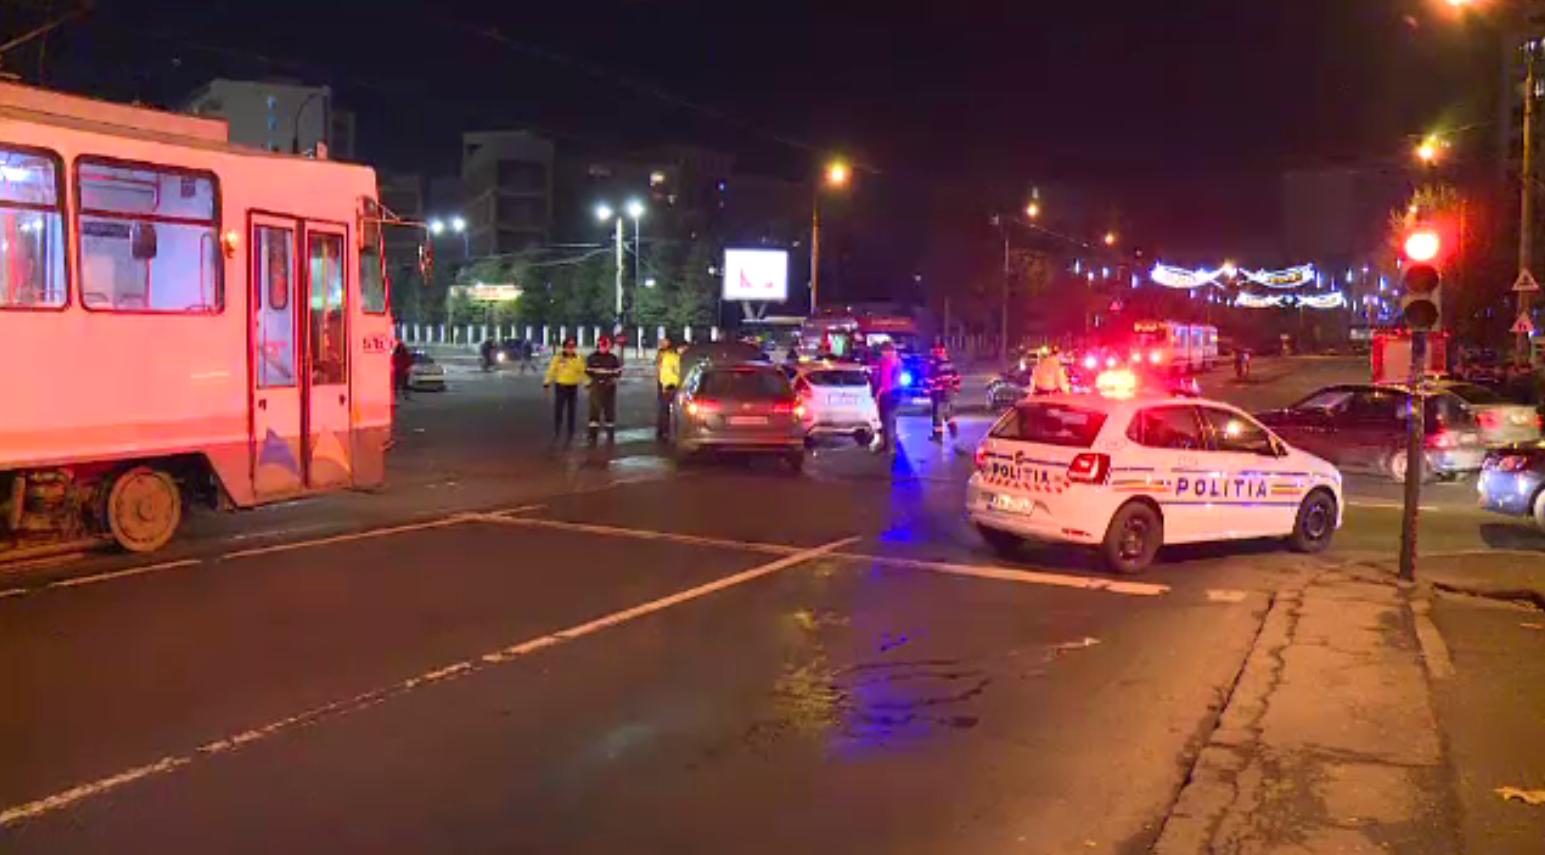 Impact violent într-o intersecție din București. Trei mașini au fost avariate